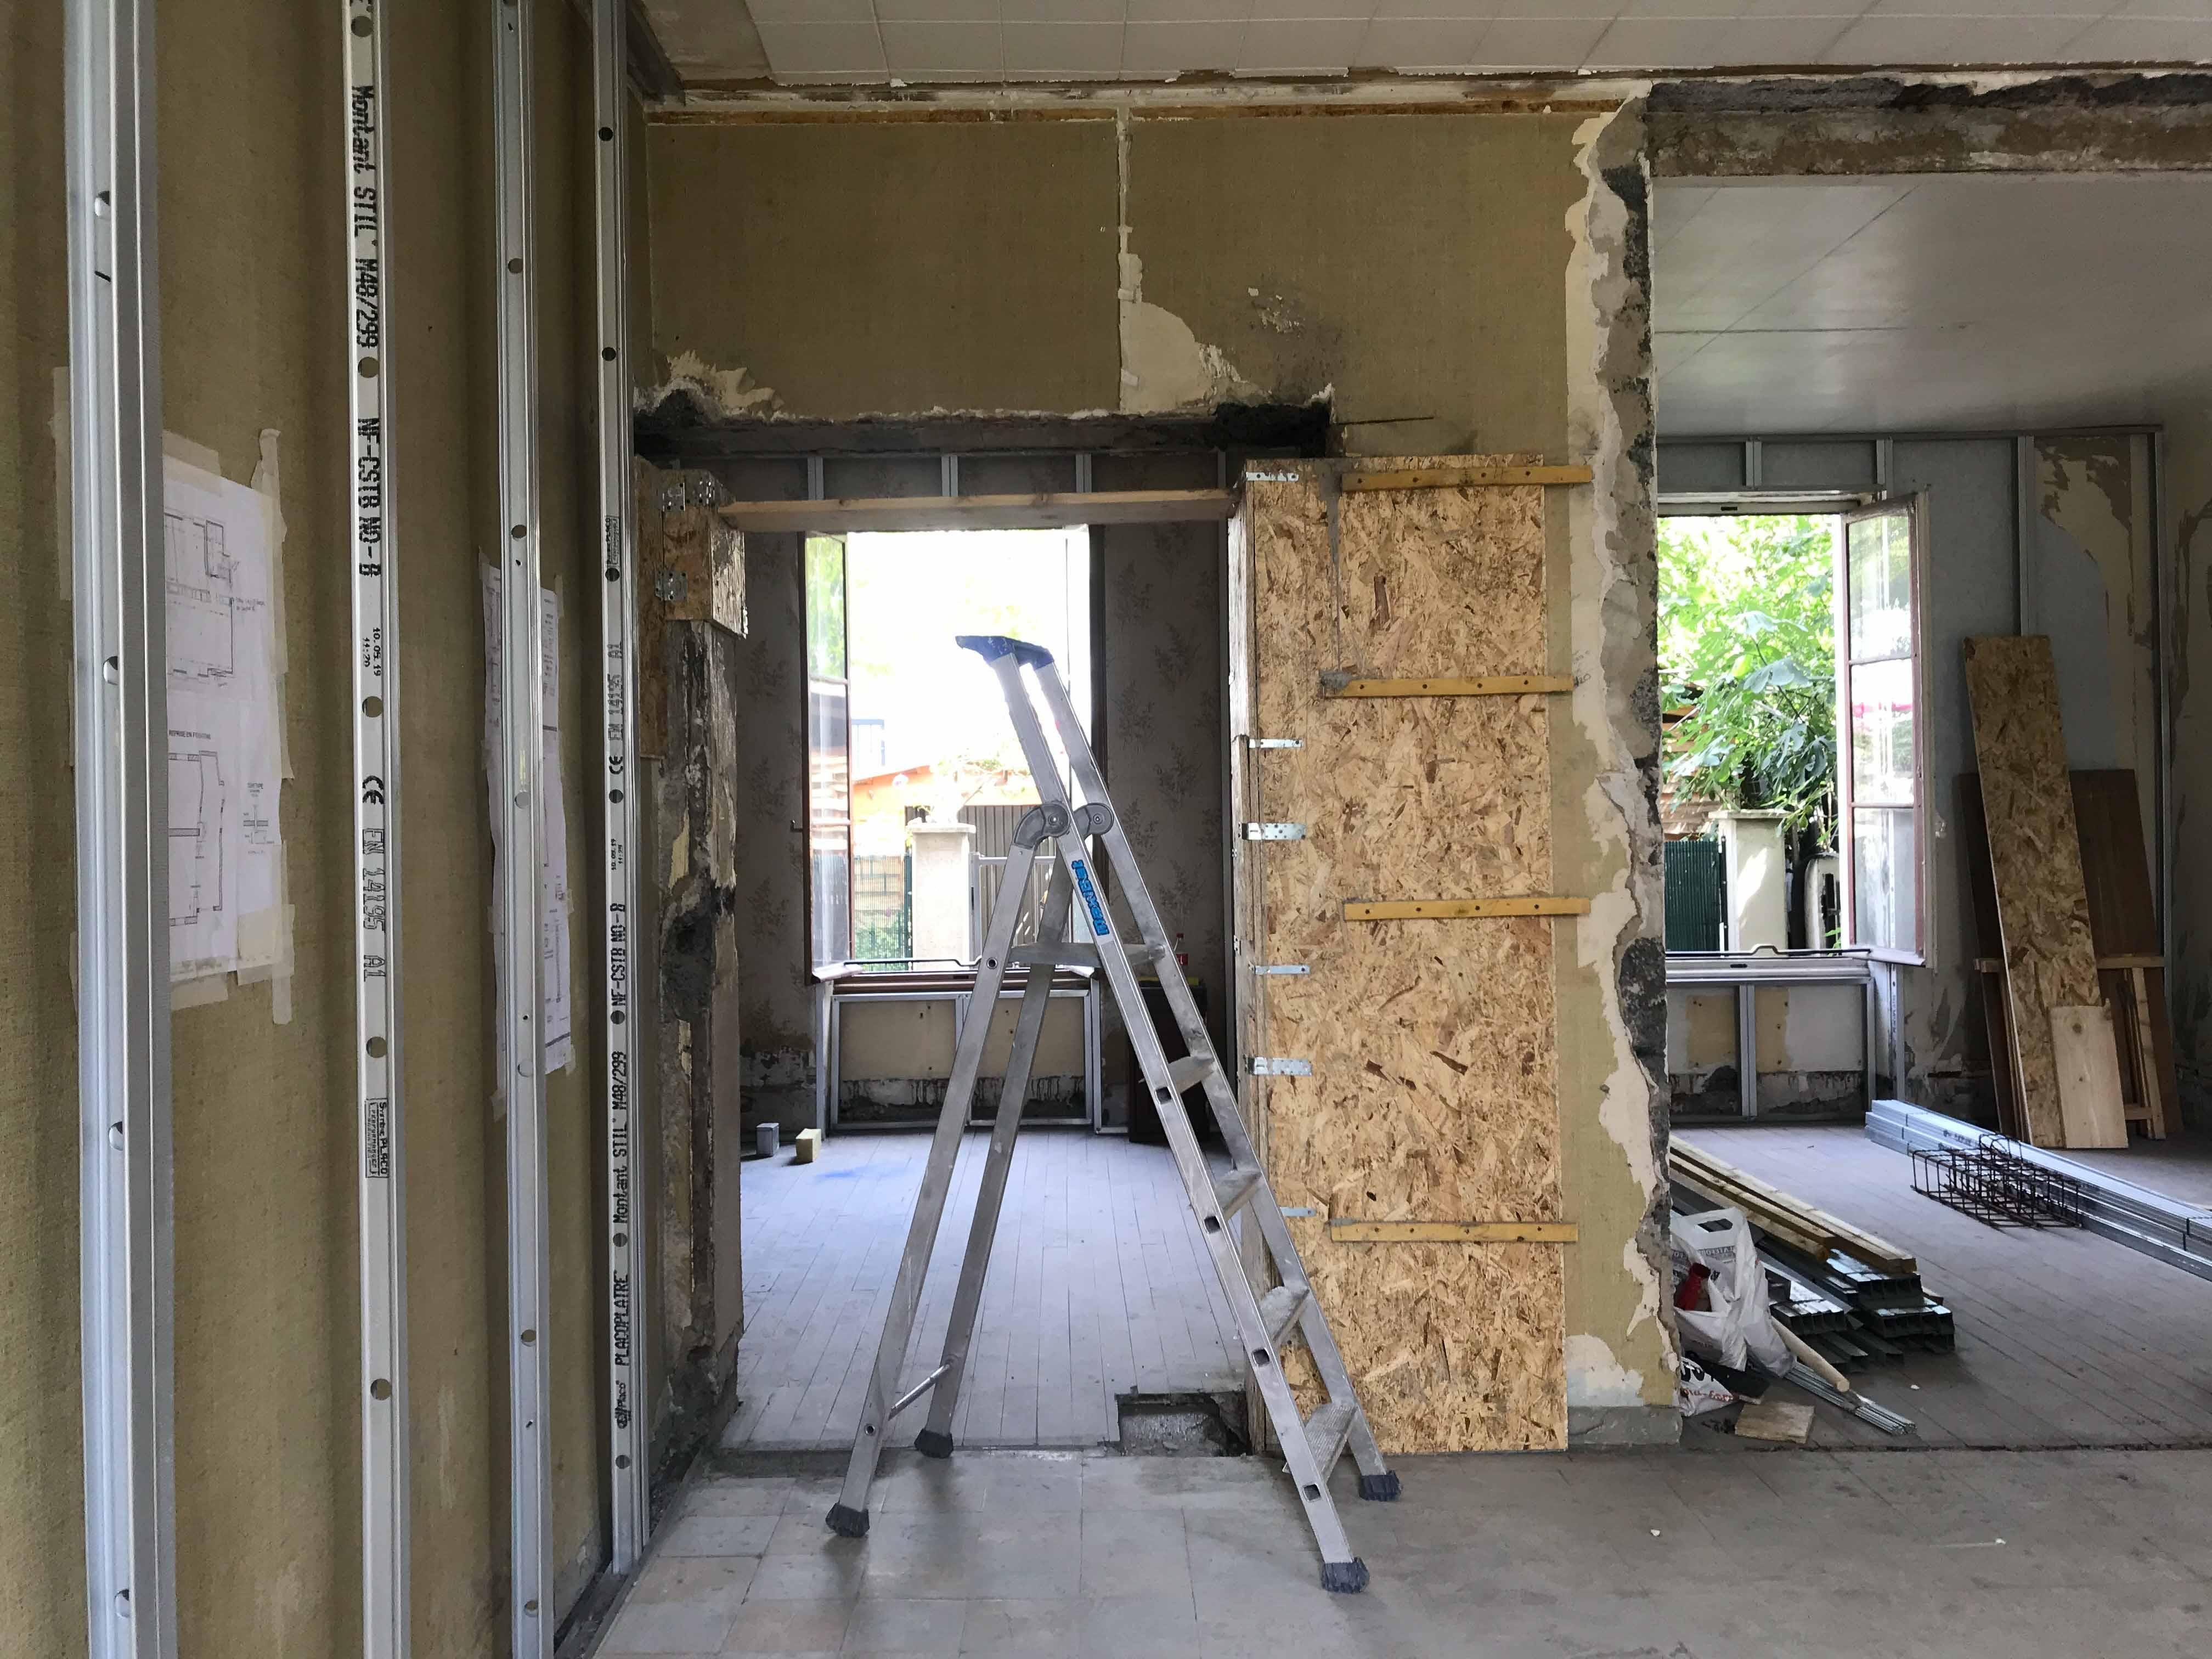 maitre-doeuvre-artisans-renovation-appartement-vaulx-en-velin-amenagement-interieur-7